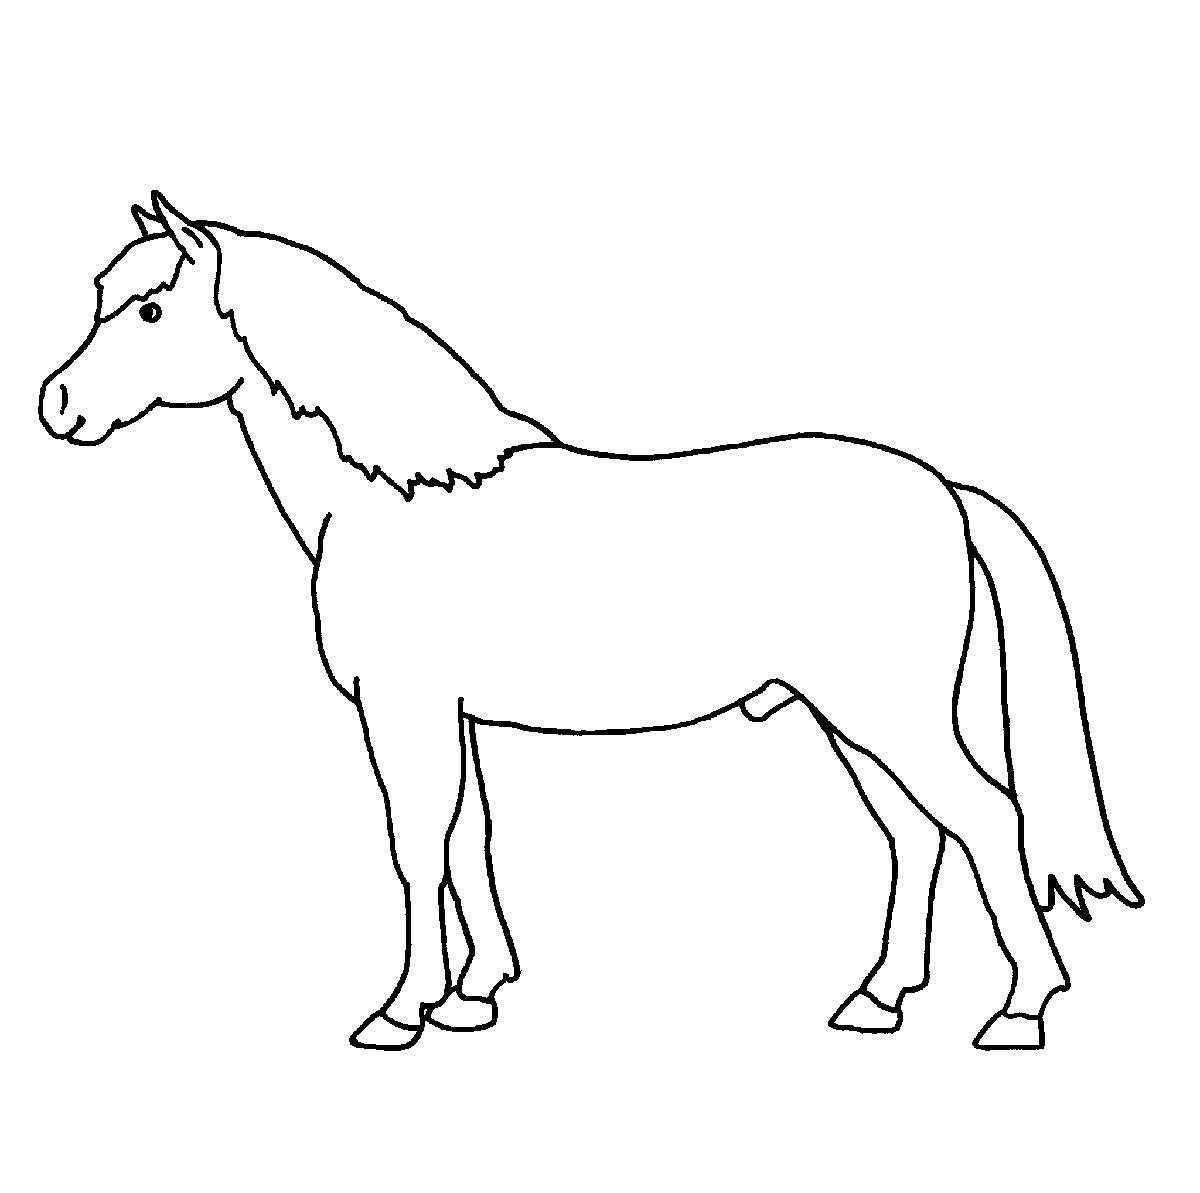 Ausmalbild Bauernhof: Ausmalbild Pferd Kostenlos Ausdrucken bei Pferde Bilder Zum Ausmalen Und Ausdrucken